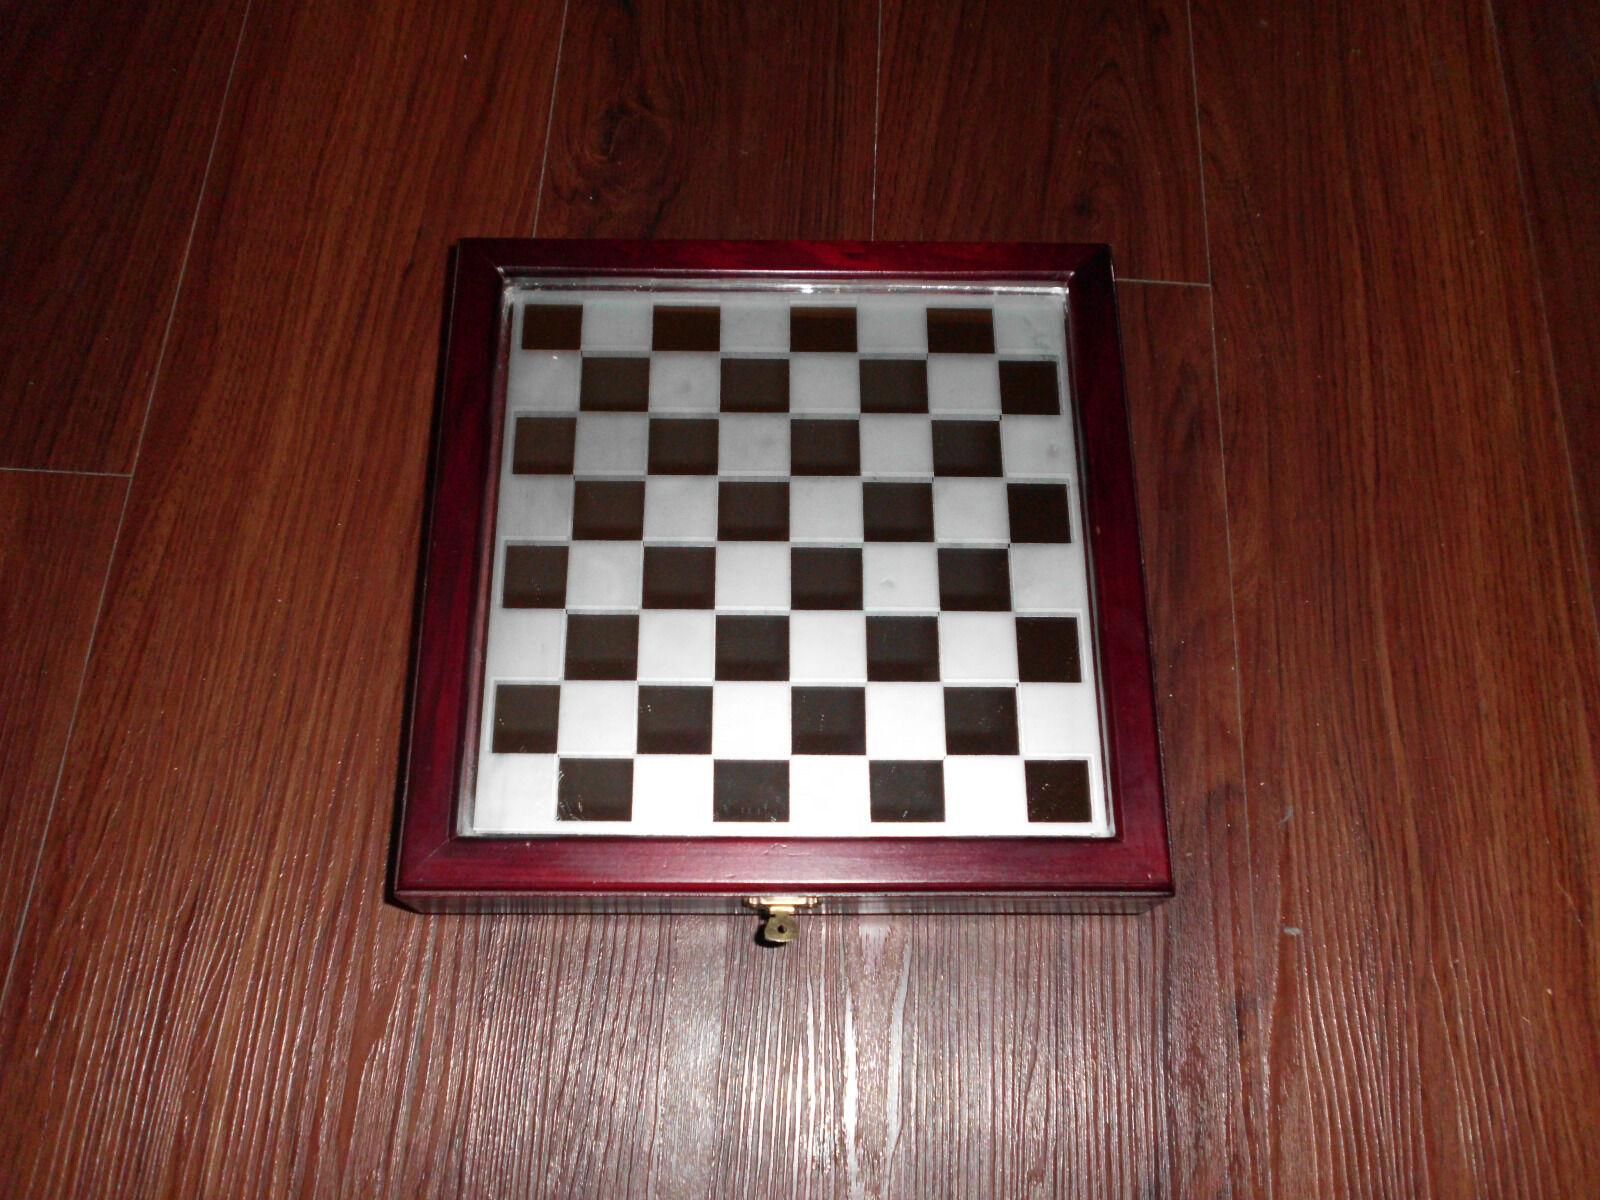 Edles Schachspiel aus Glas unbespielt (war ein Weihnachtsgeschenk) Weihnachtsgeschenk) Weihnachtsgeschenk) siehe Fotos 5cb2bd